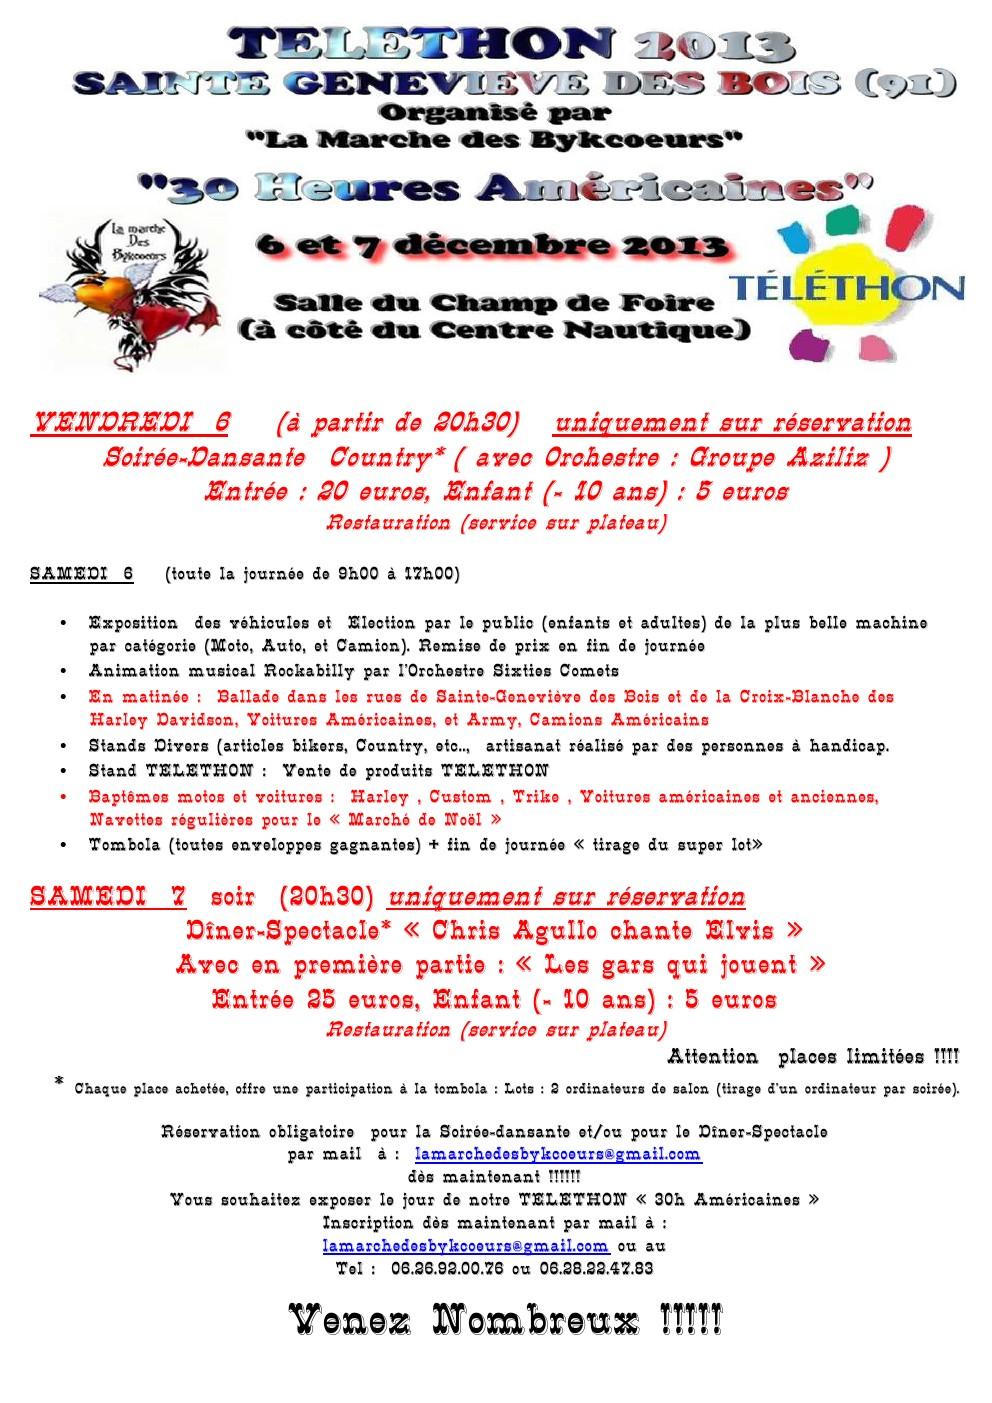 Téléthon 6 et 7 décembre 2013 St Geneviève des Bois (91) Yj4k